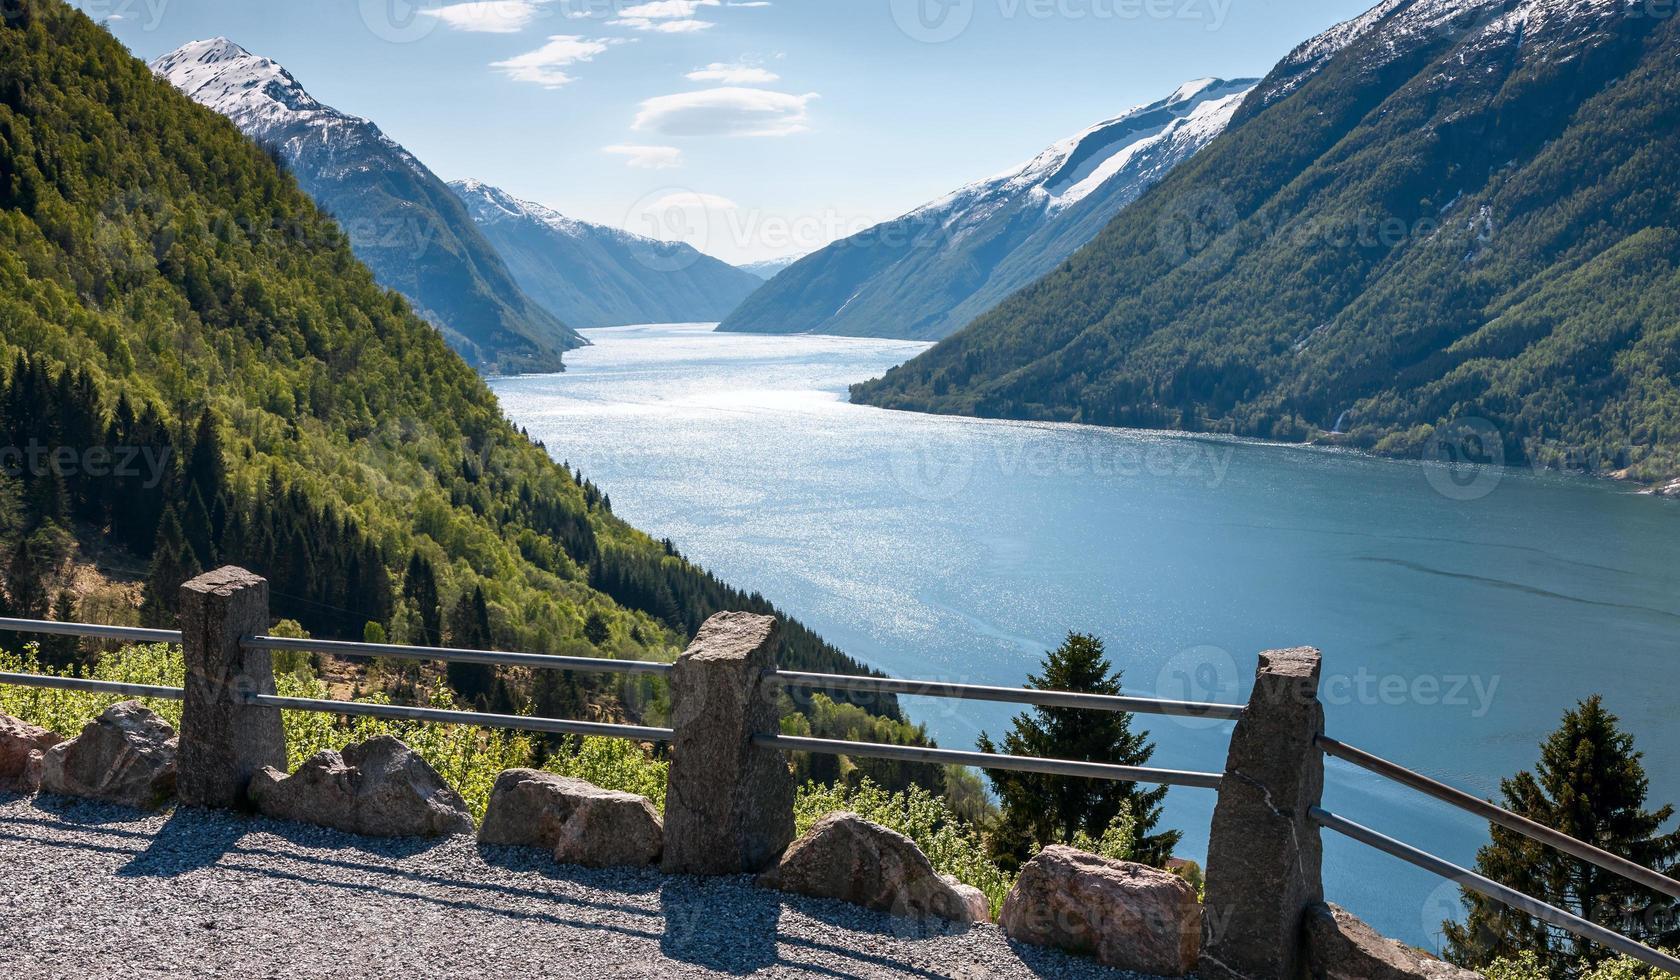 paisagens cênicas dos fiordes noruegueses. foto